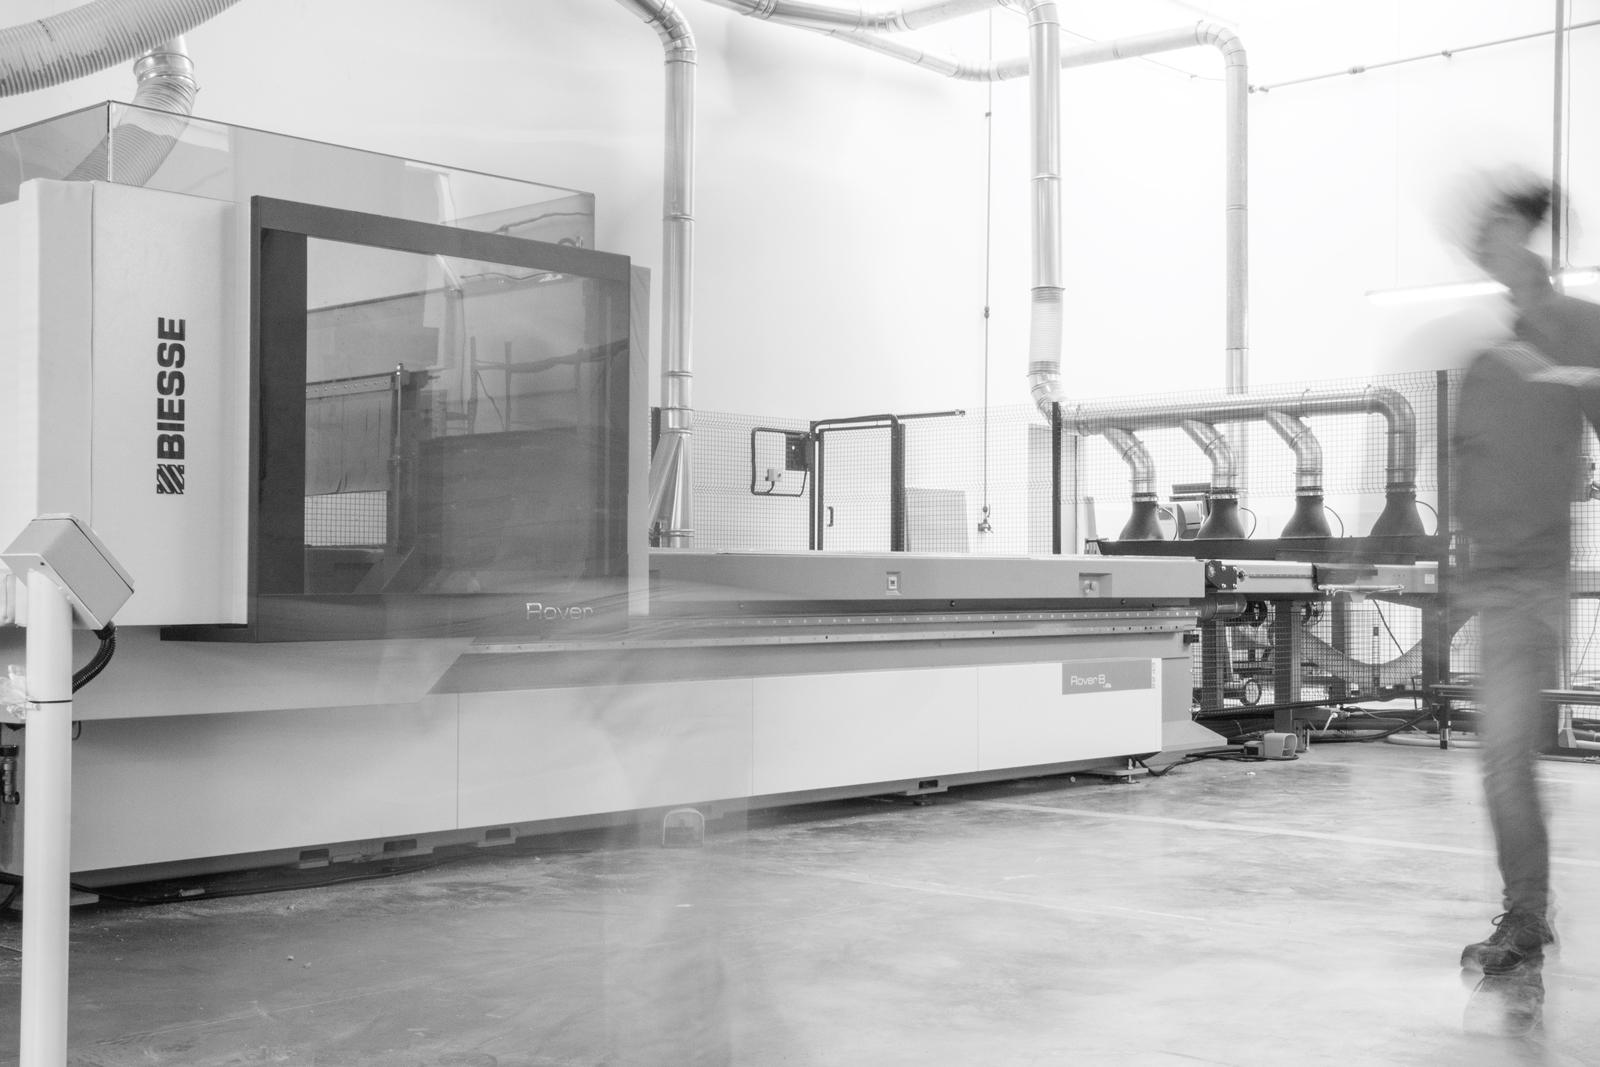 Bmt azienda macchinari biesse produzione accessori arredo for Arredo bagno produzione